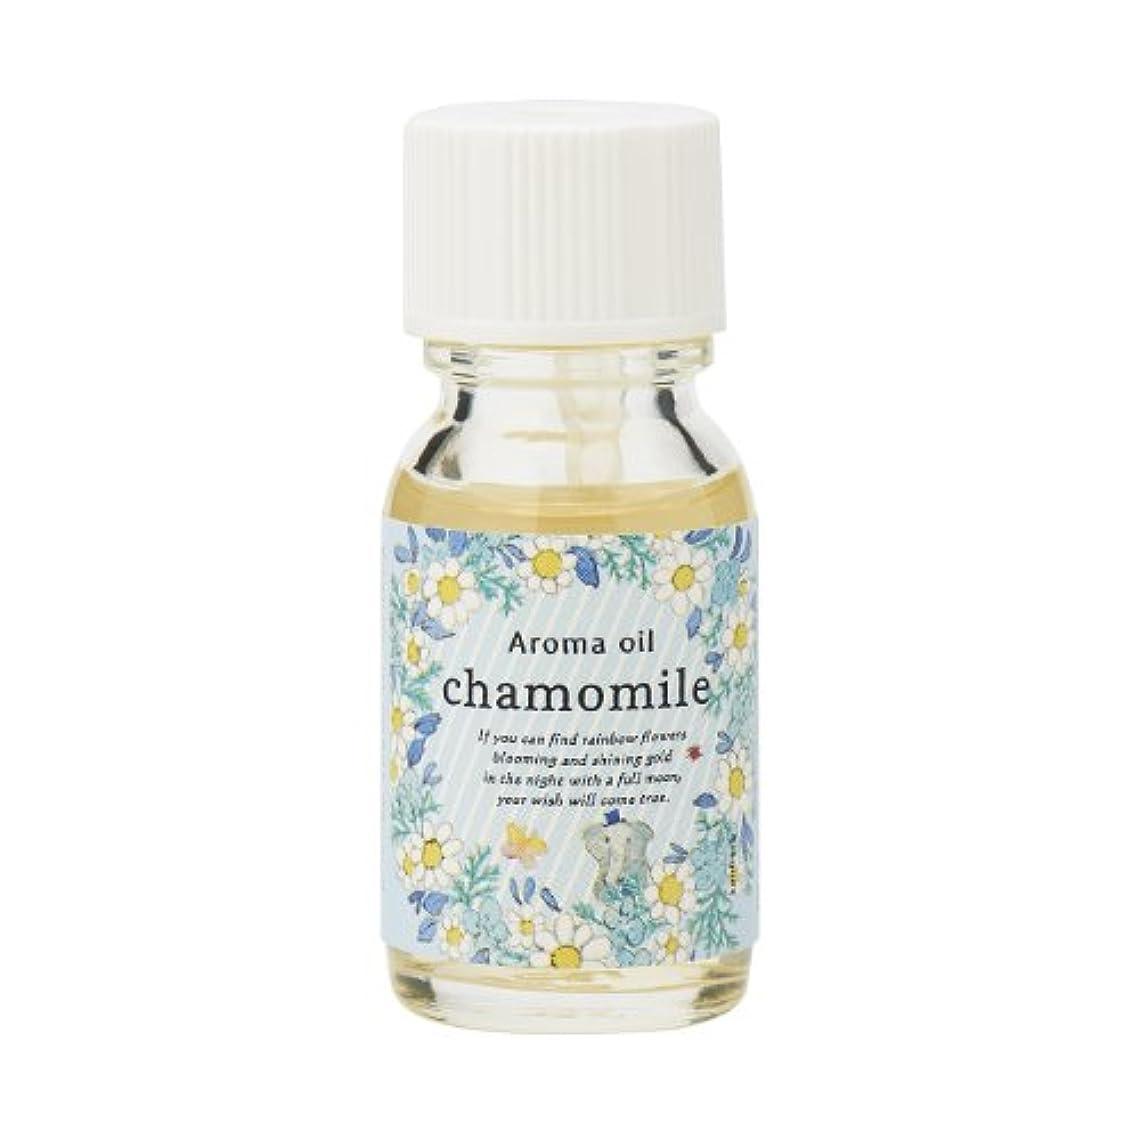 ホラーあごひげ険しいサンハーブ アロマオイル カモマイル 13ml(やさしく穏やかな甘い香り)